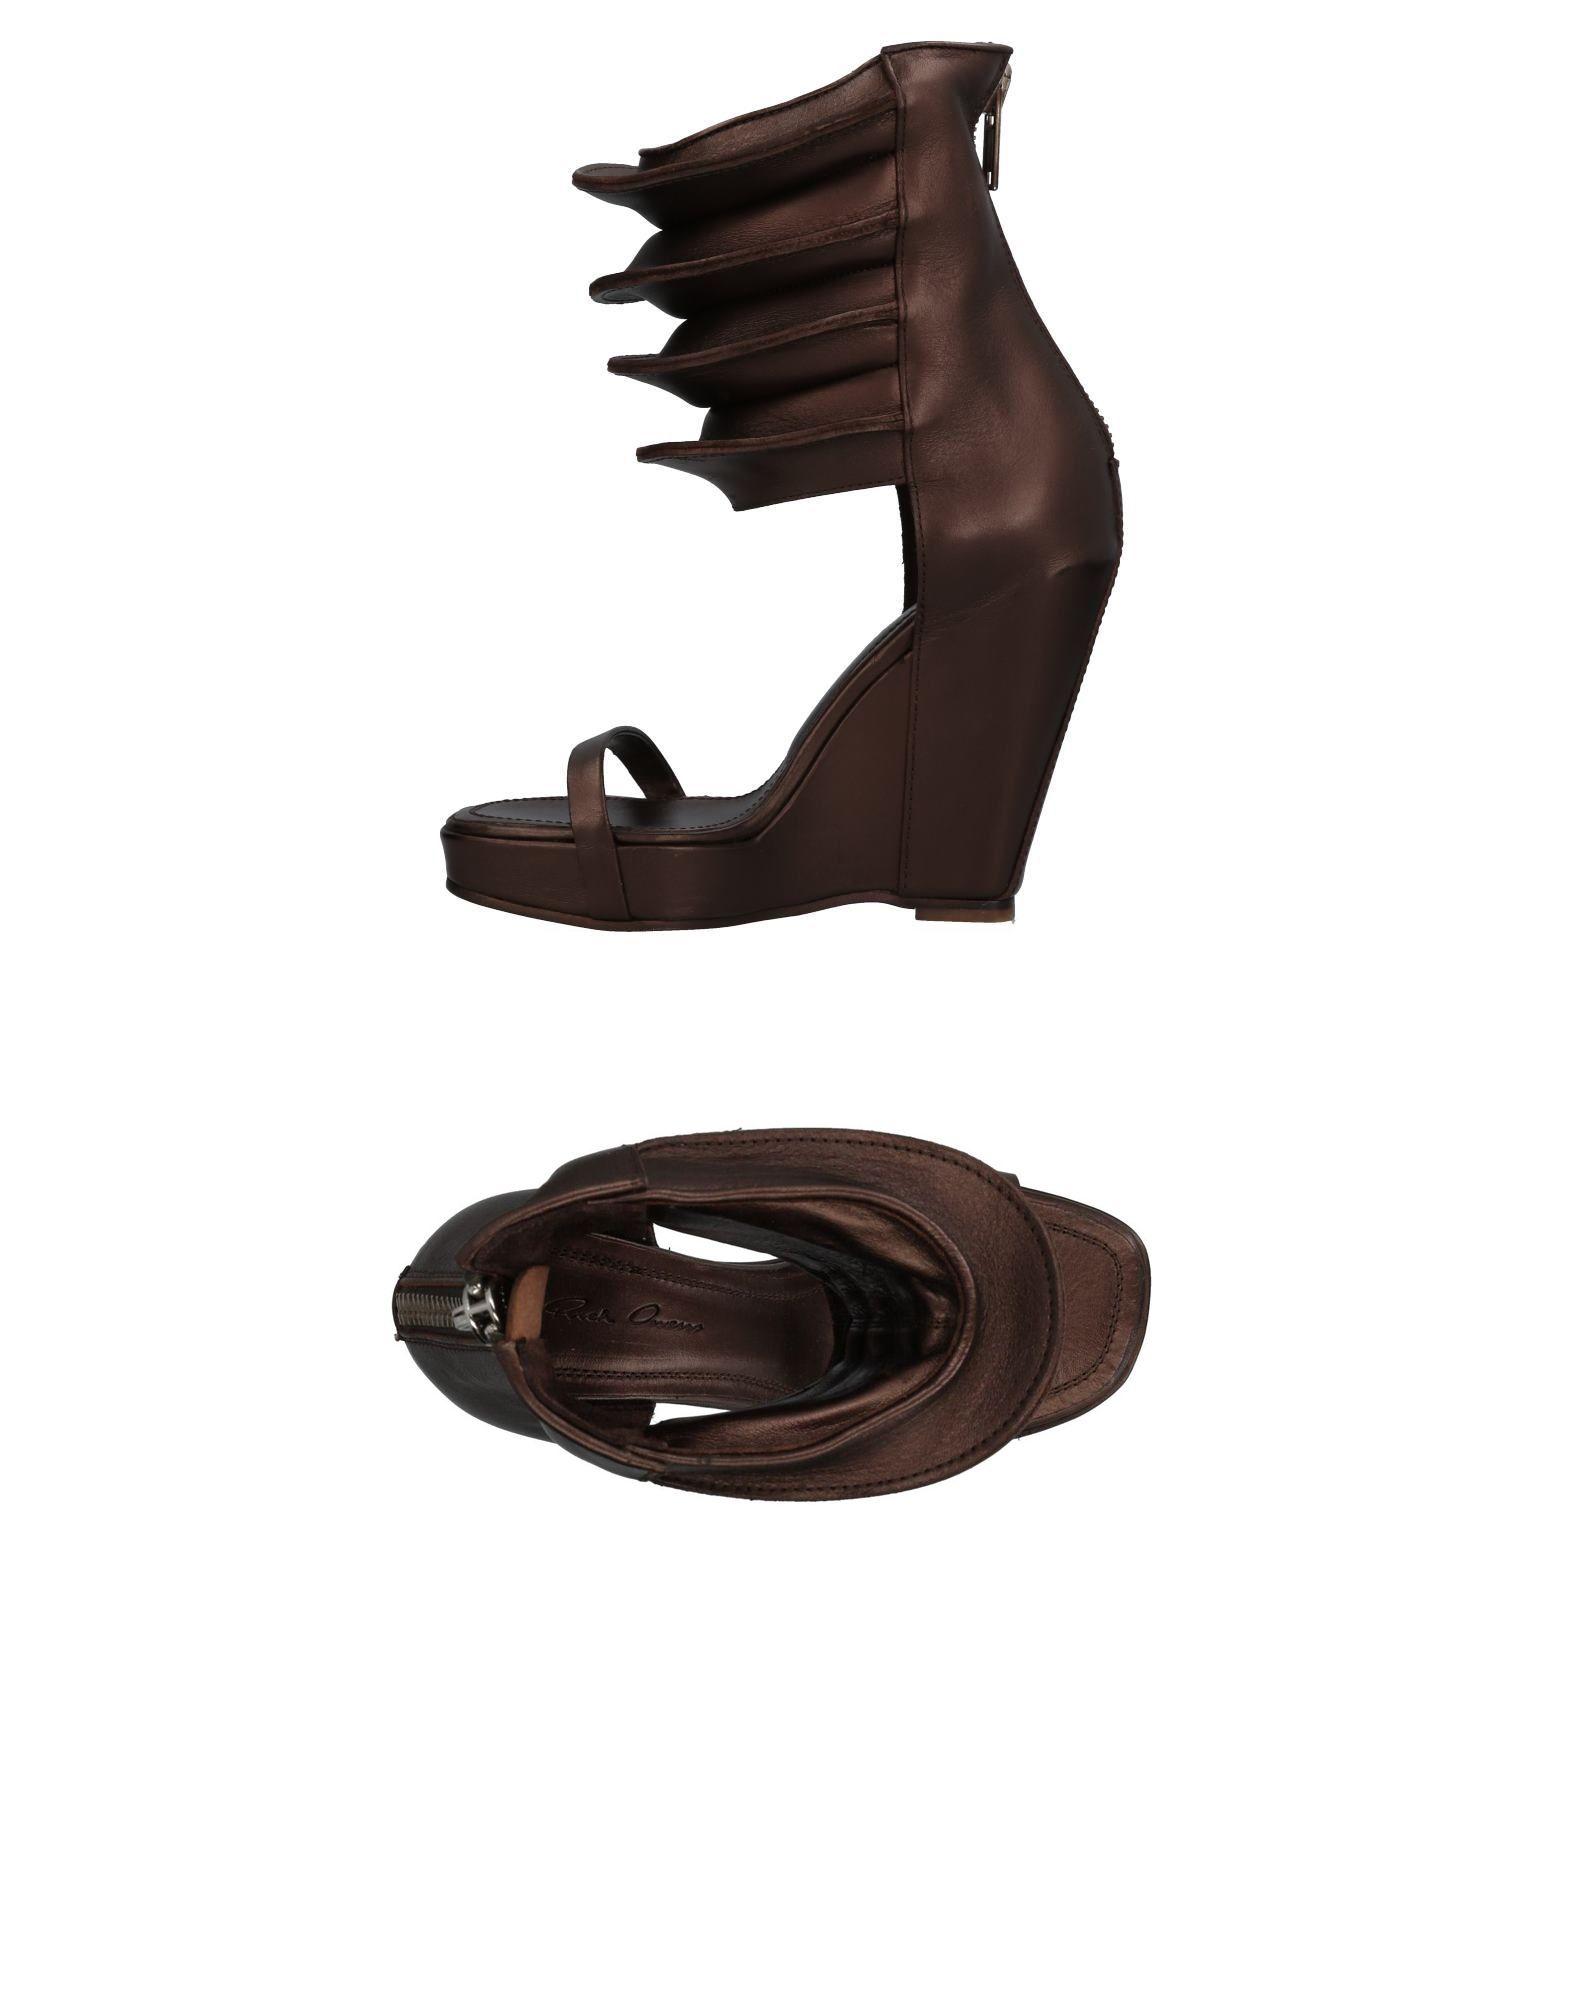 Sandales Rick Owens Femme - Sandales Rick Owens sur